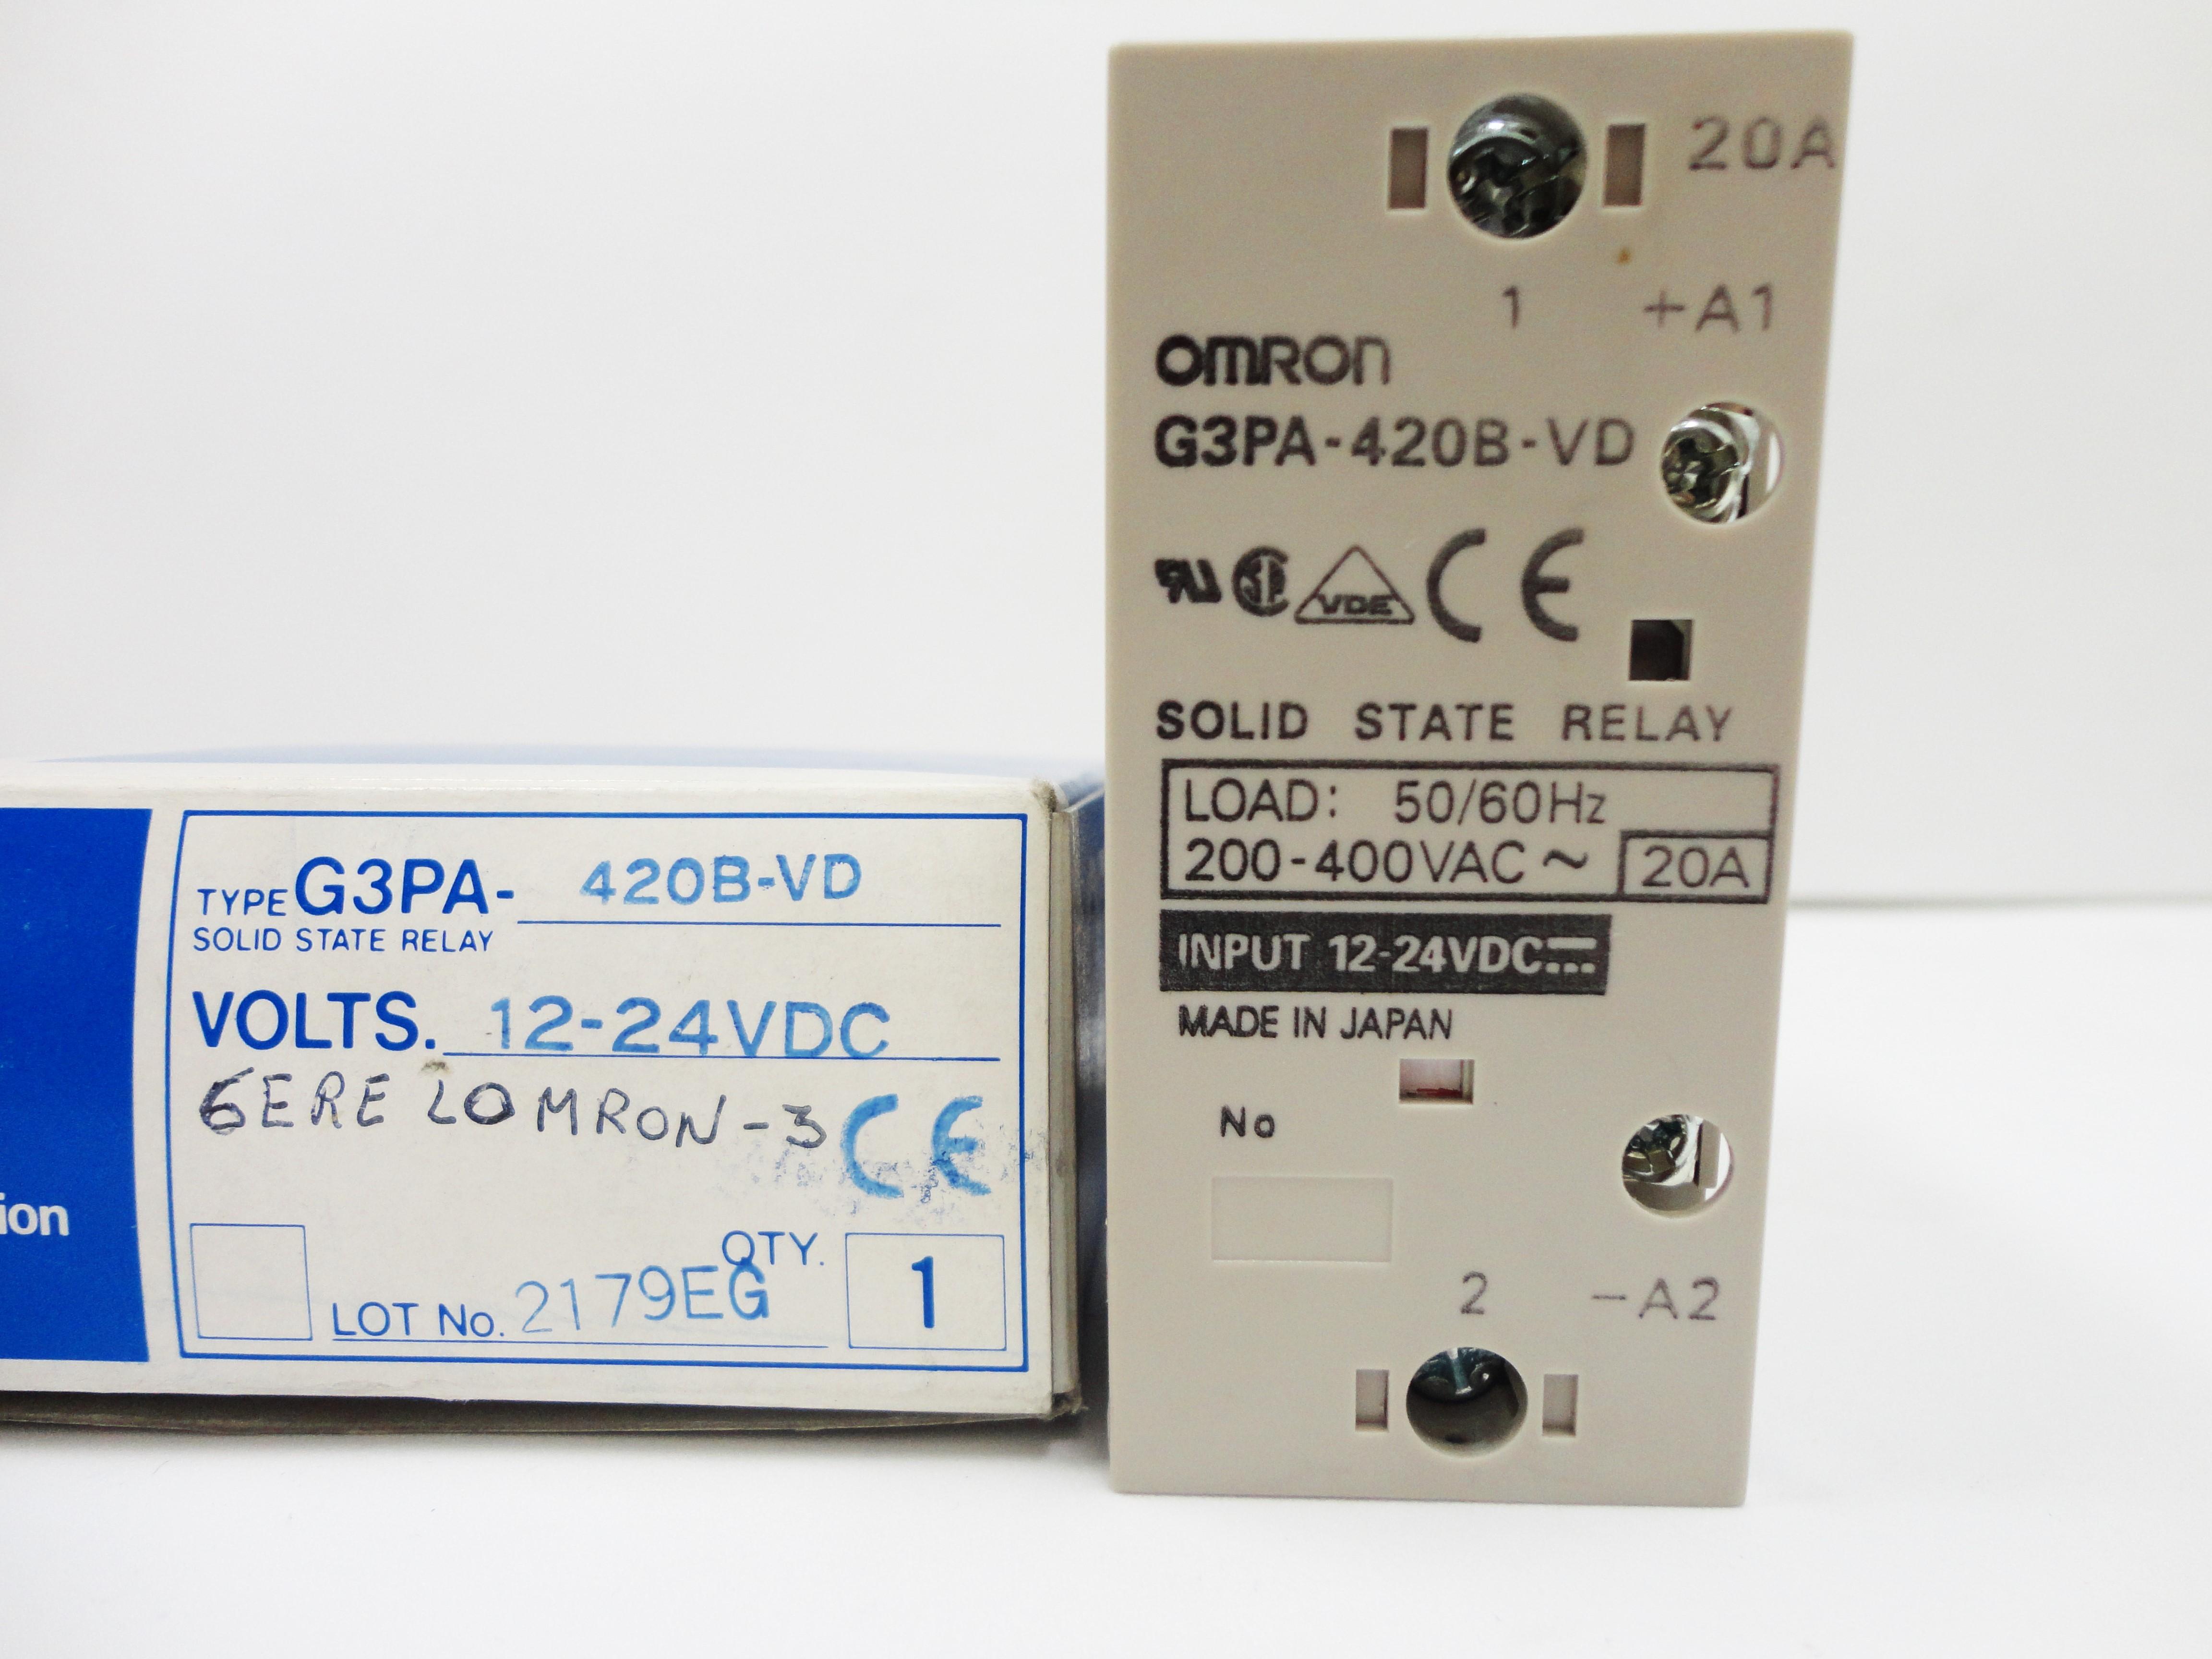 Rele de estado sólido  tipo SSD 3GPA